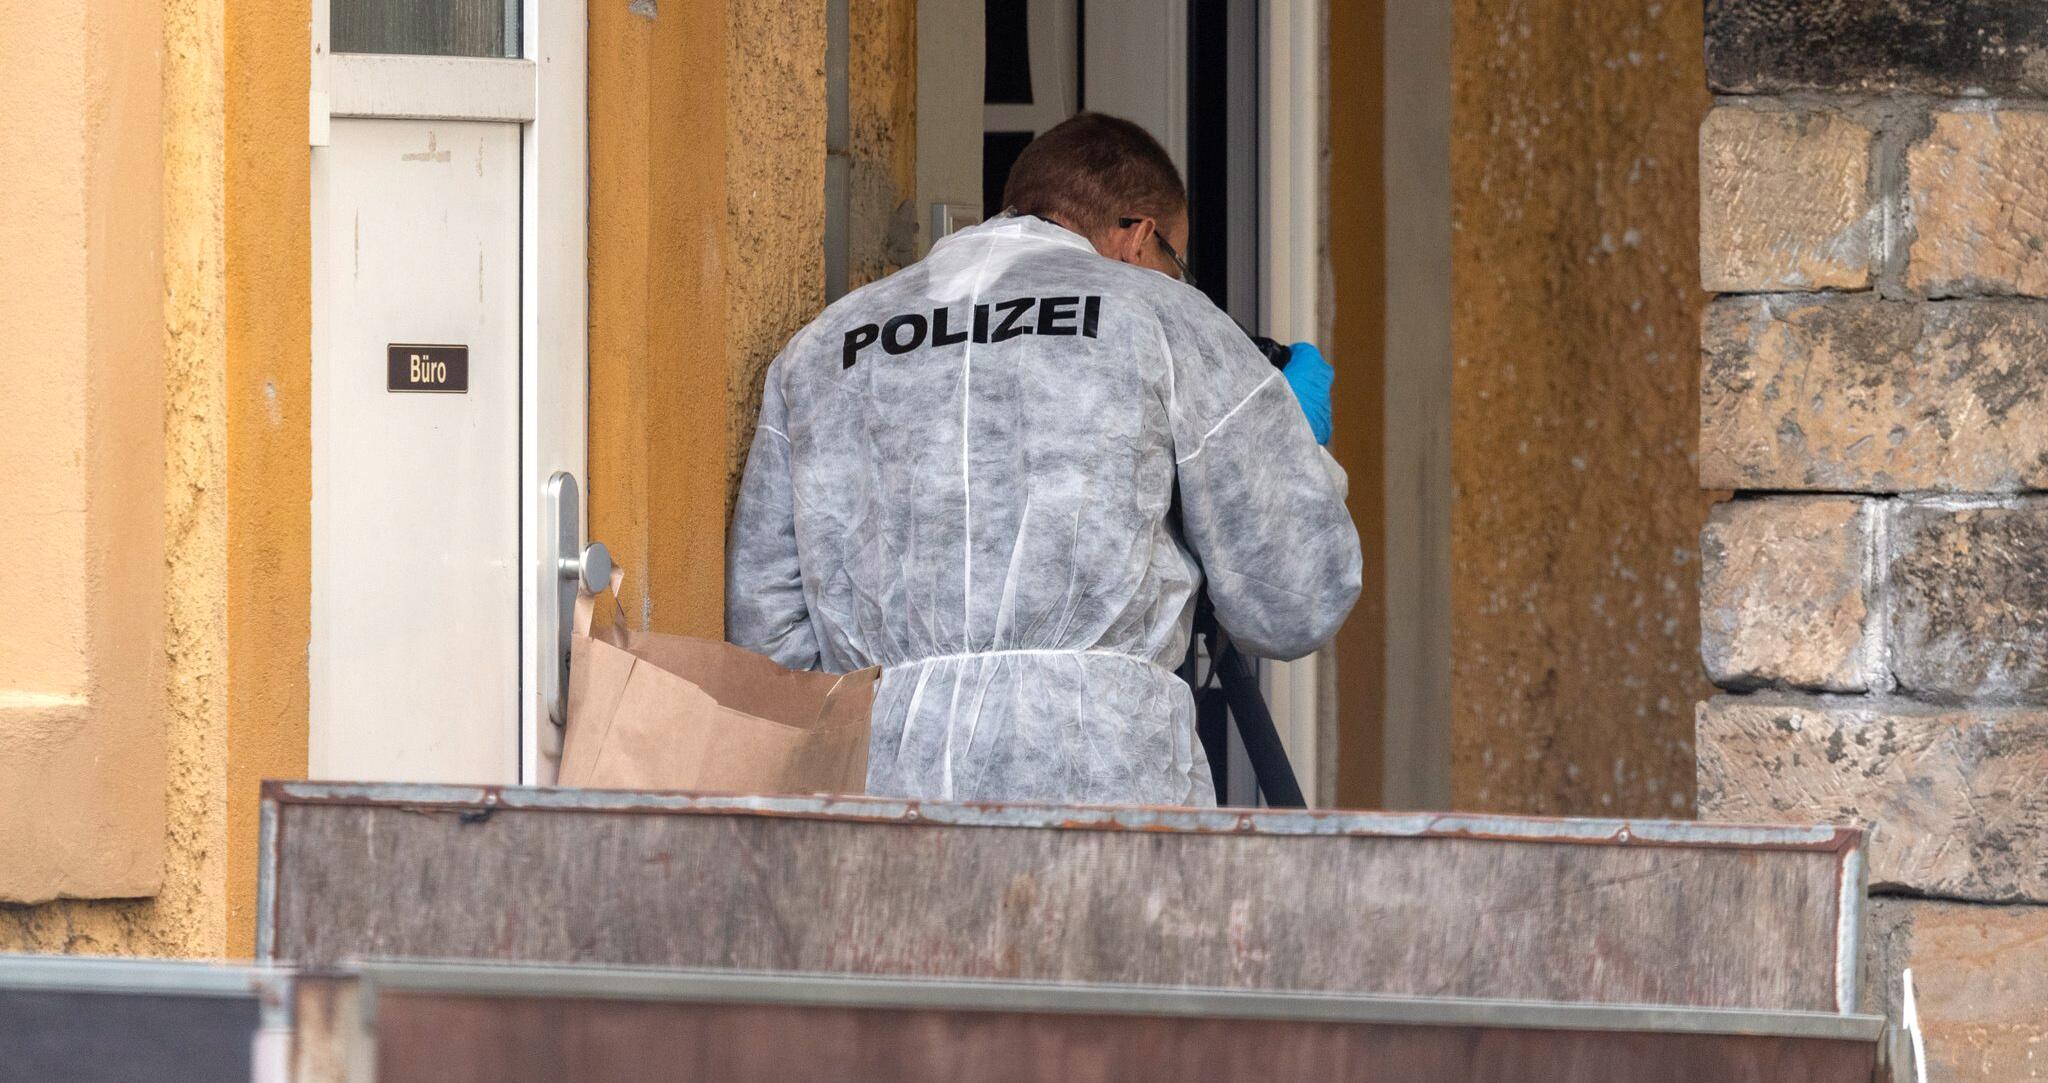 Bild zu Two small children killed in Dresden